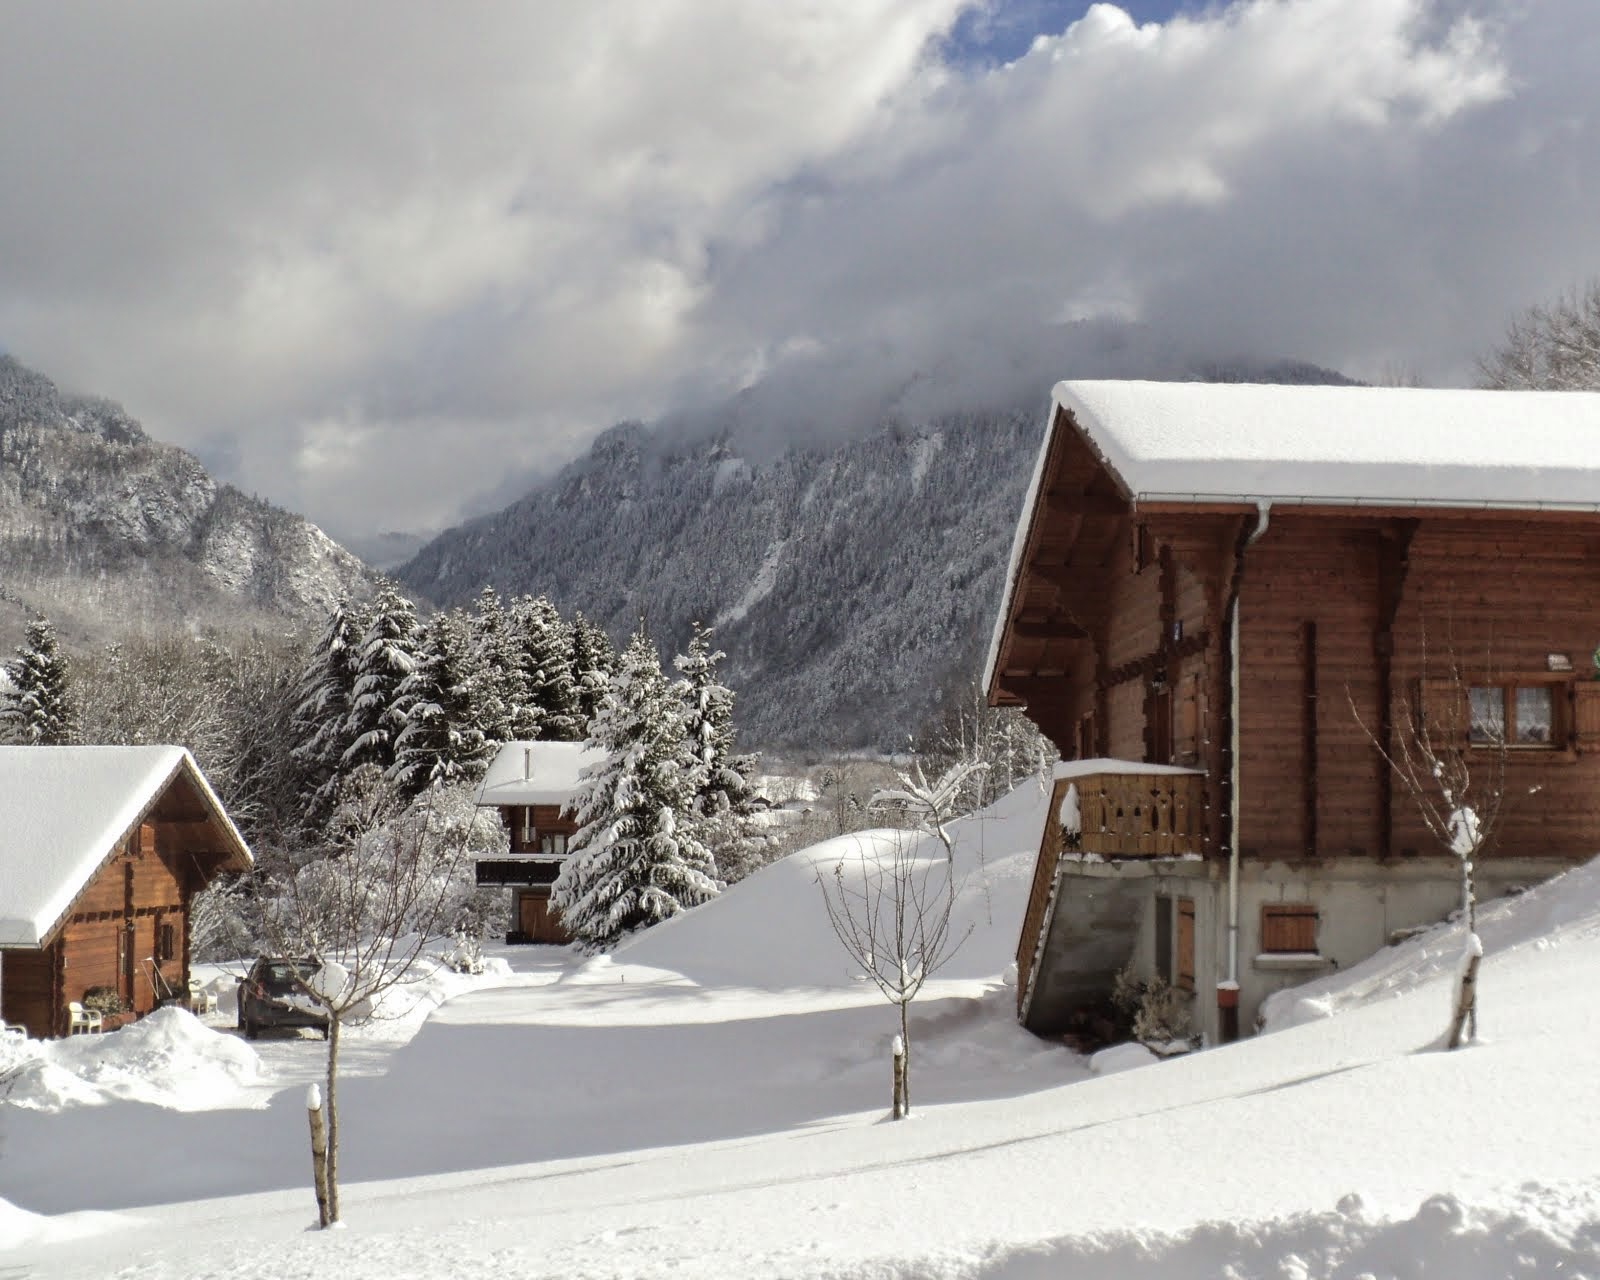 Profiter à fond de la Haute-Savoie bénie dont les ressources sont inépuisables